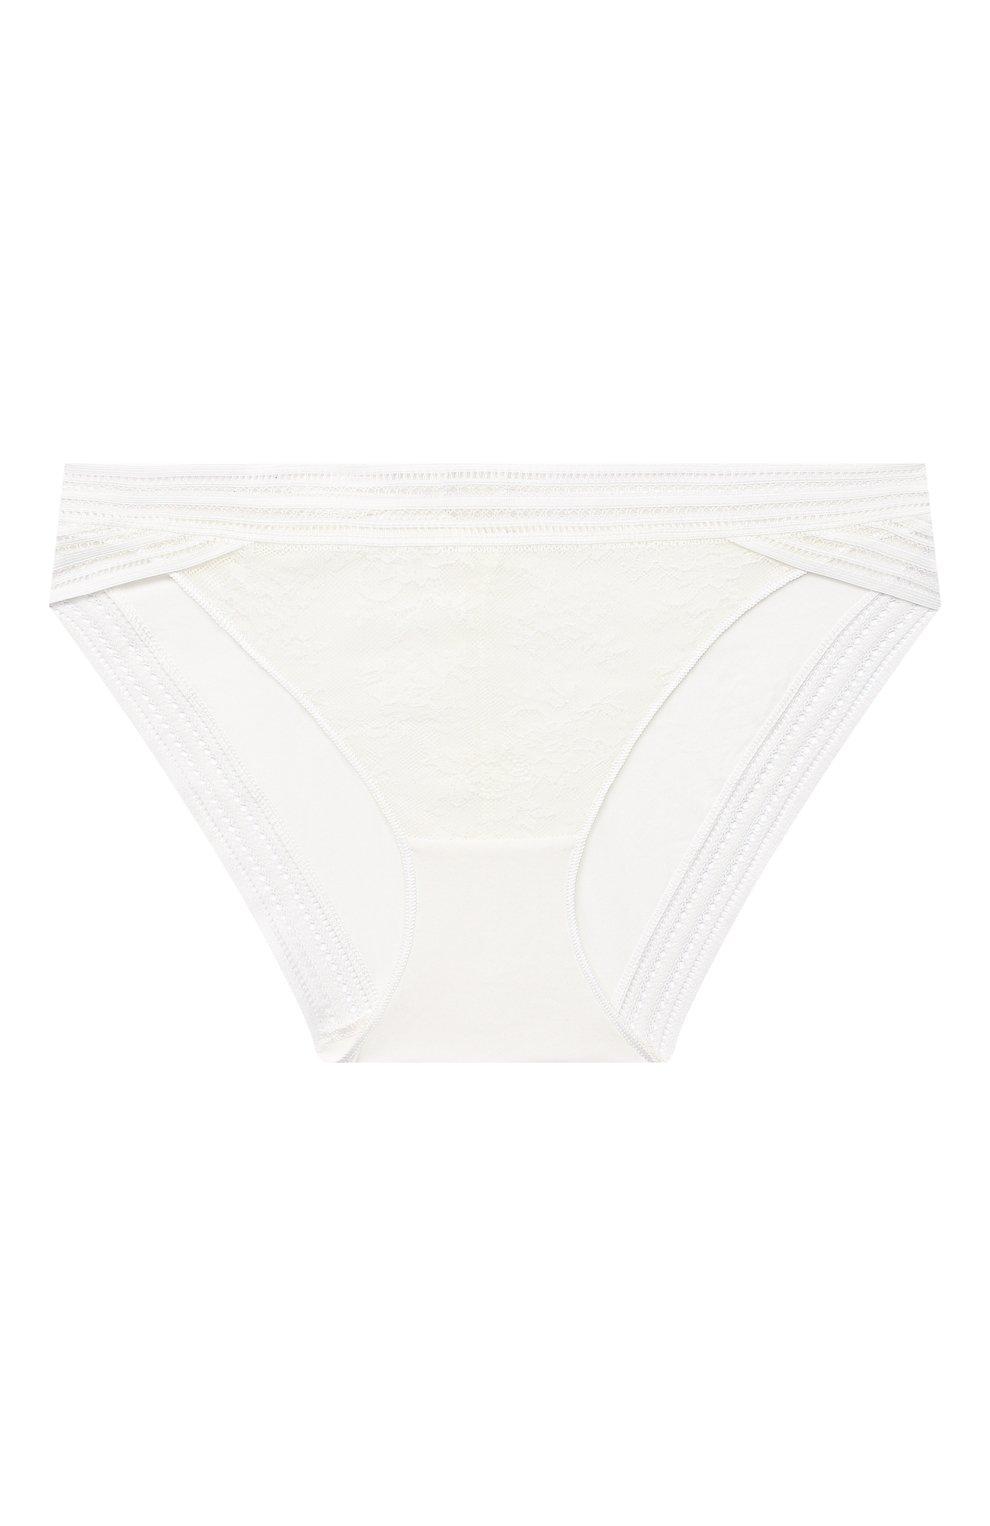 Женские трусы-слипы MAISON LEJABY белого цвета, арт. 16463 | Фото 1 (Материал внешний: Синтетический материал)